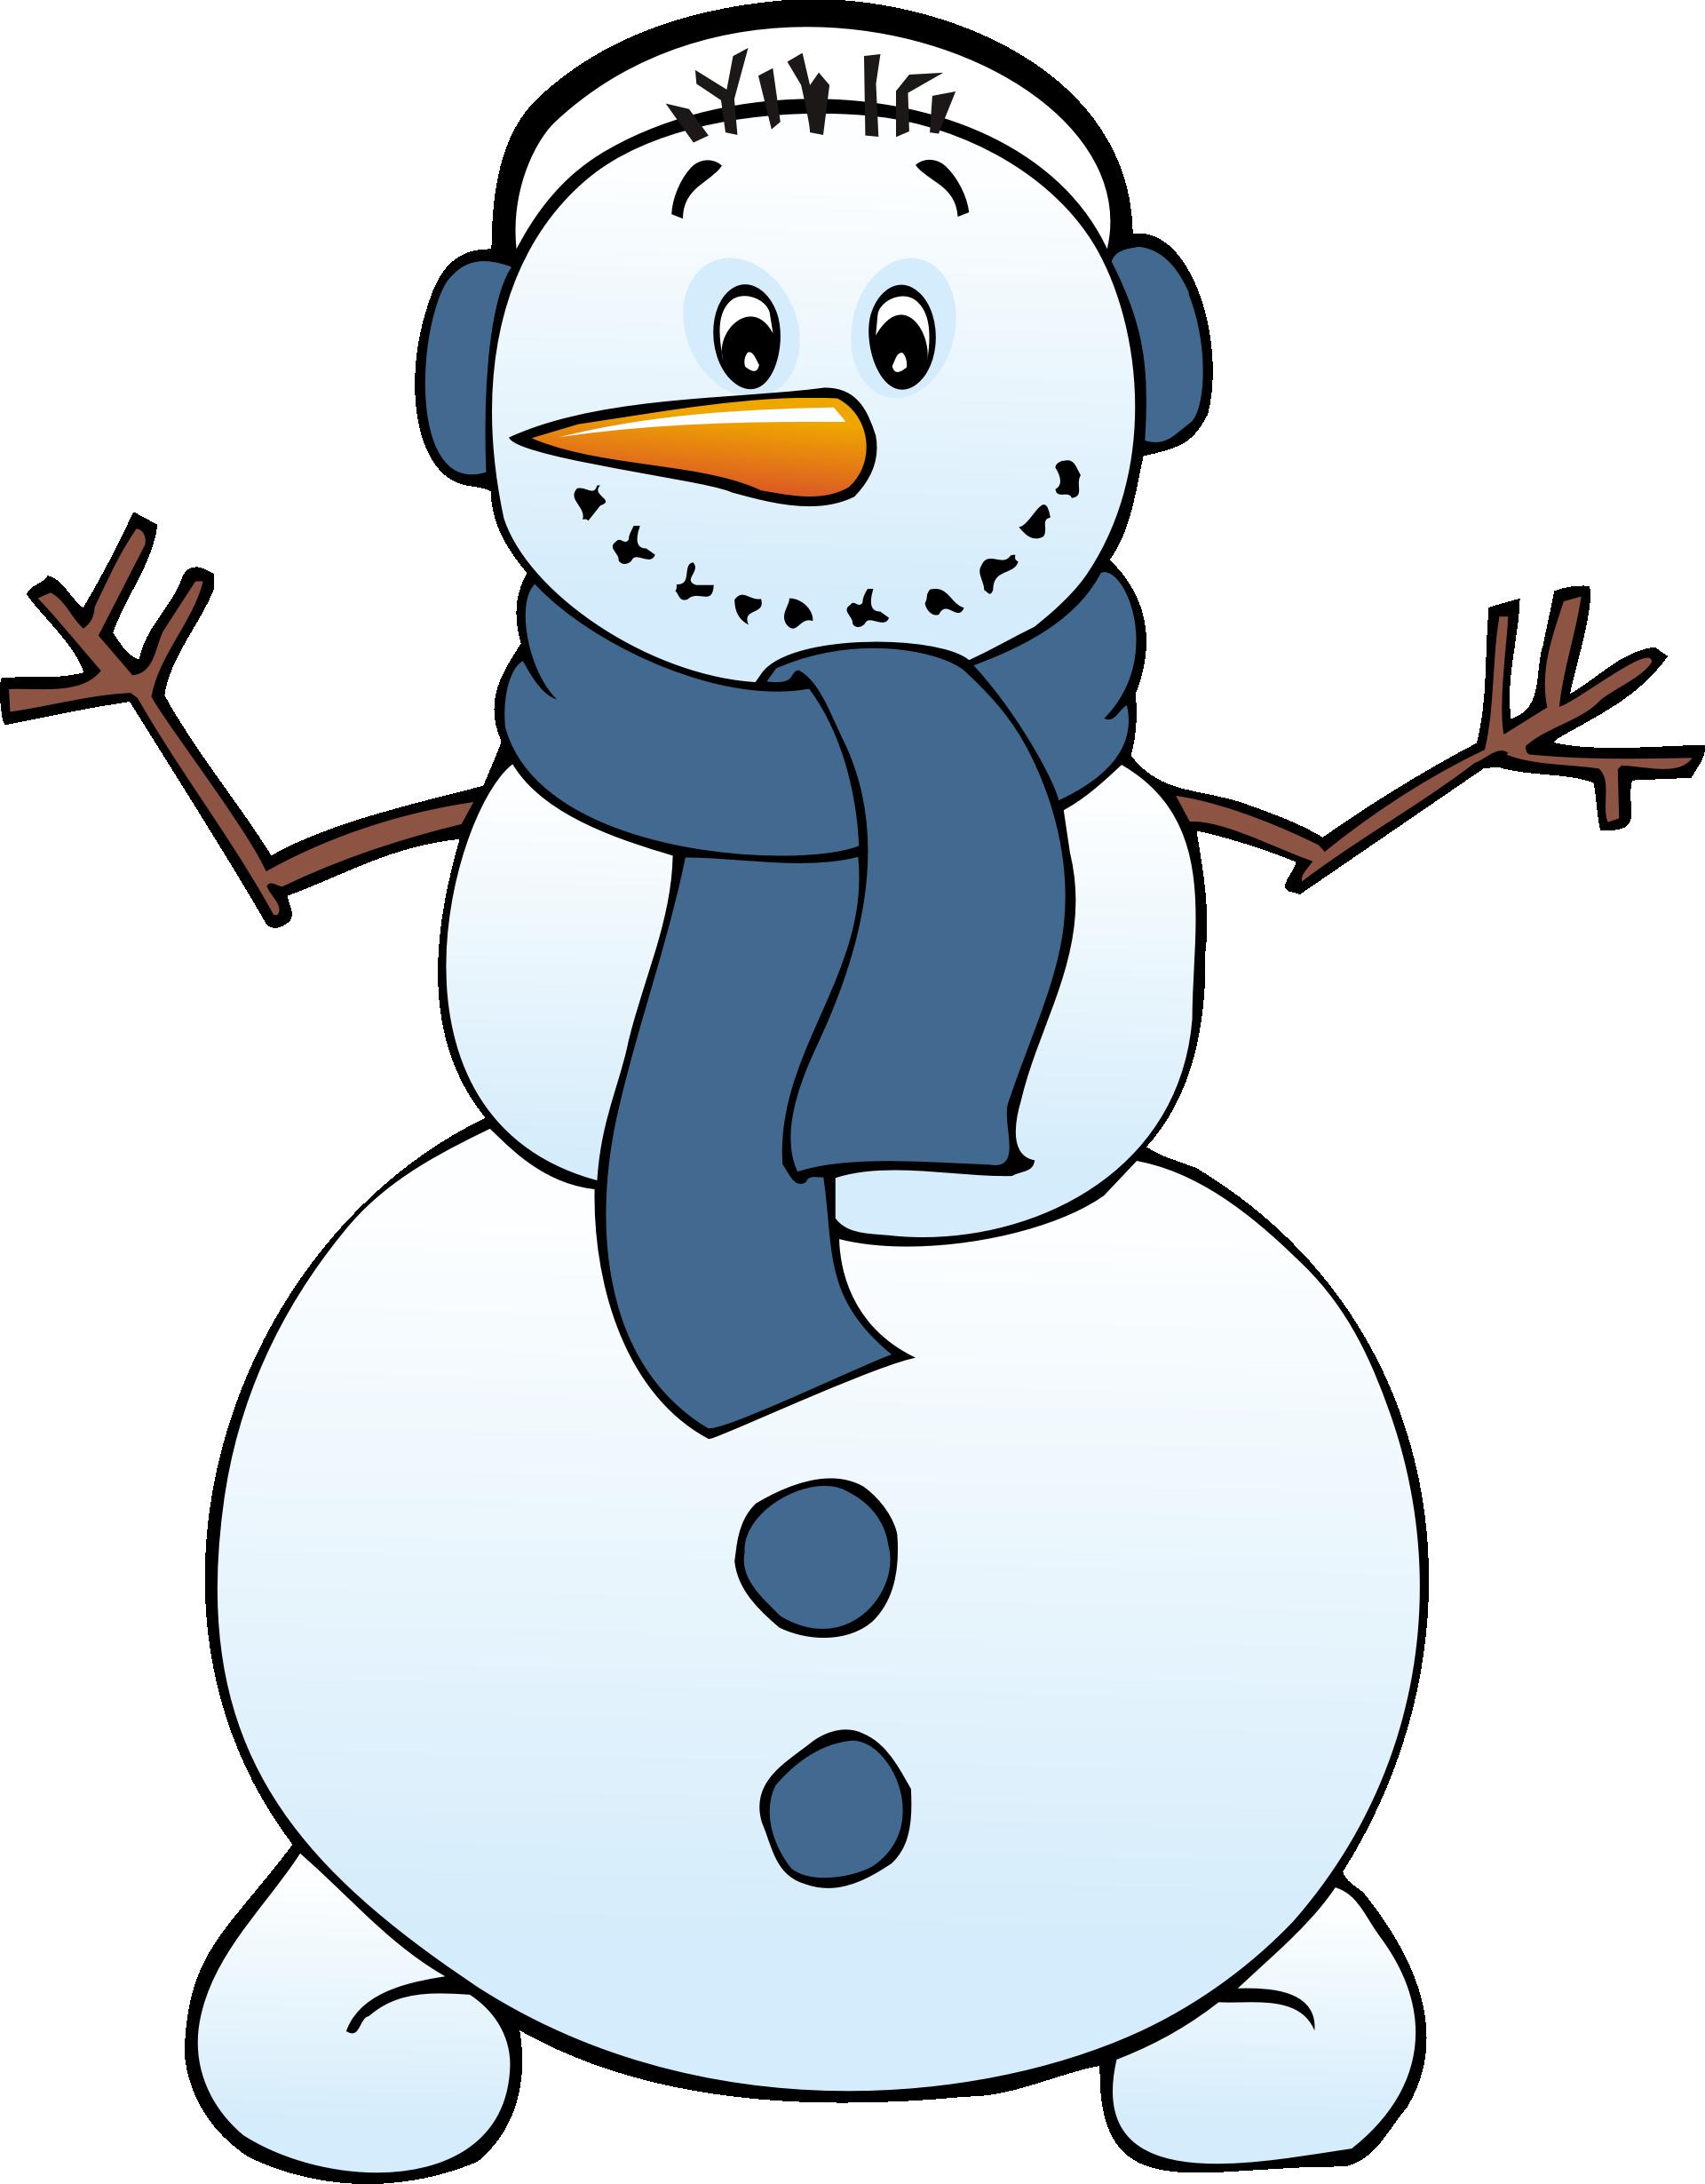 Free Winter Clip Art - ClipArt Best-Free Winter Clip Art - ClipArt Best-1